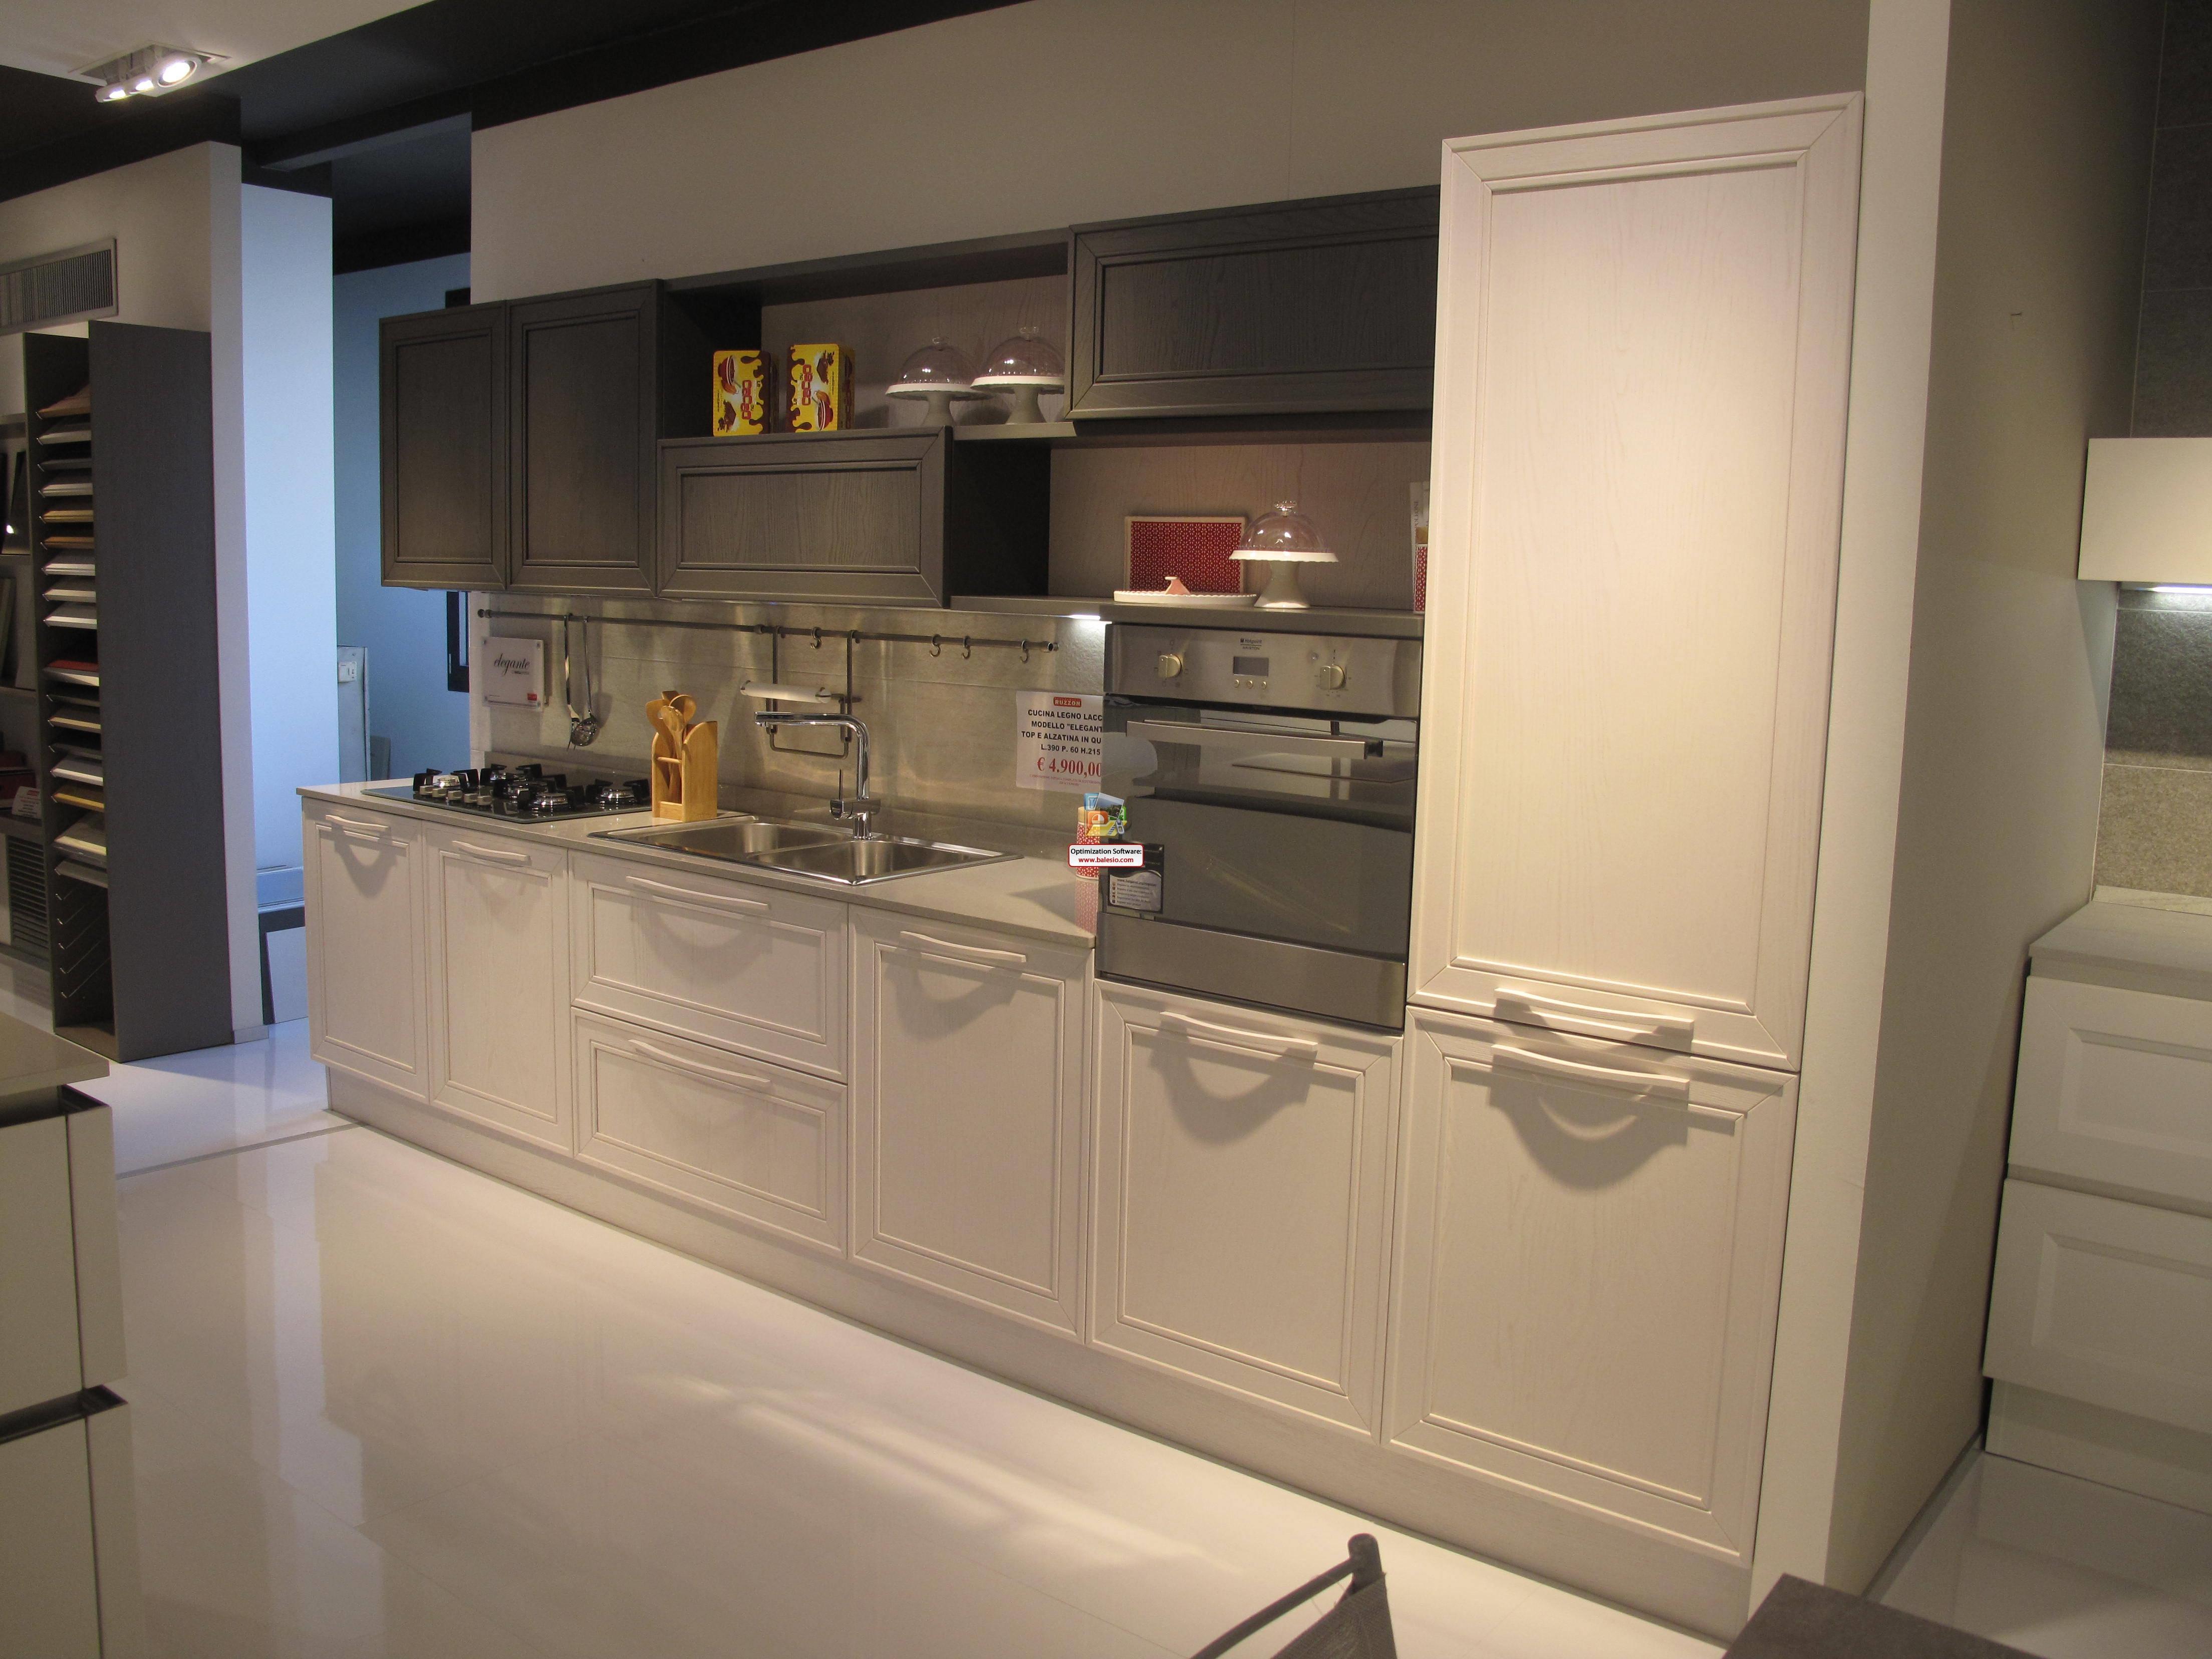 Cucina veneta cucine elegante scontato del 60 cucine a prezzi scontati - Veneta cucine prezzi ...